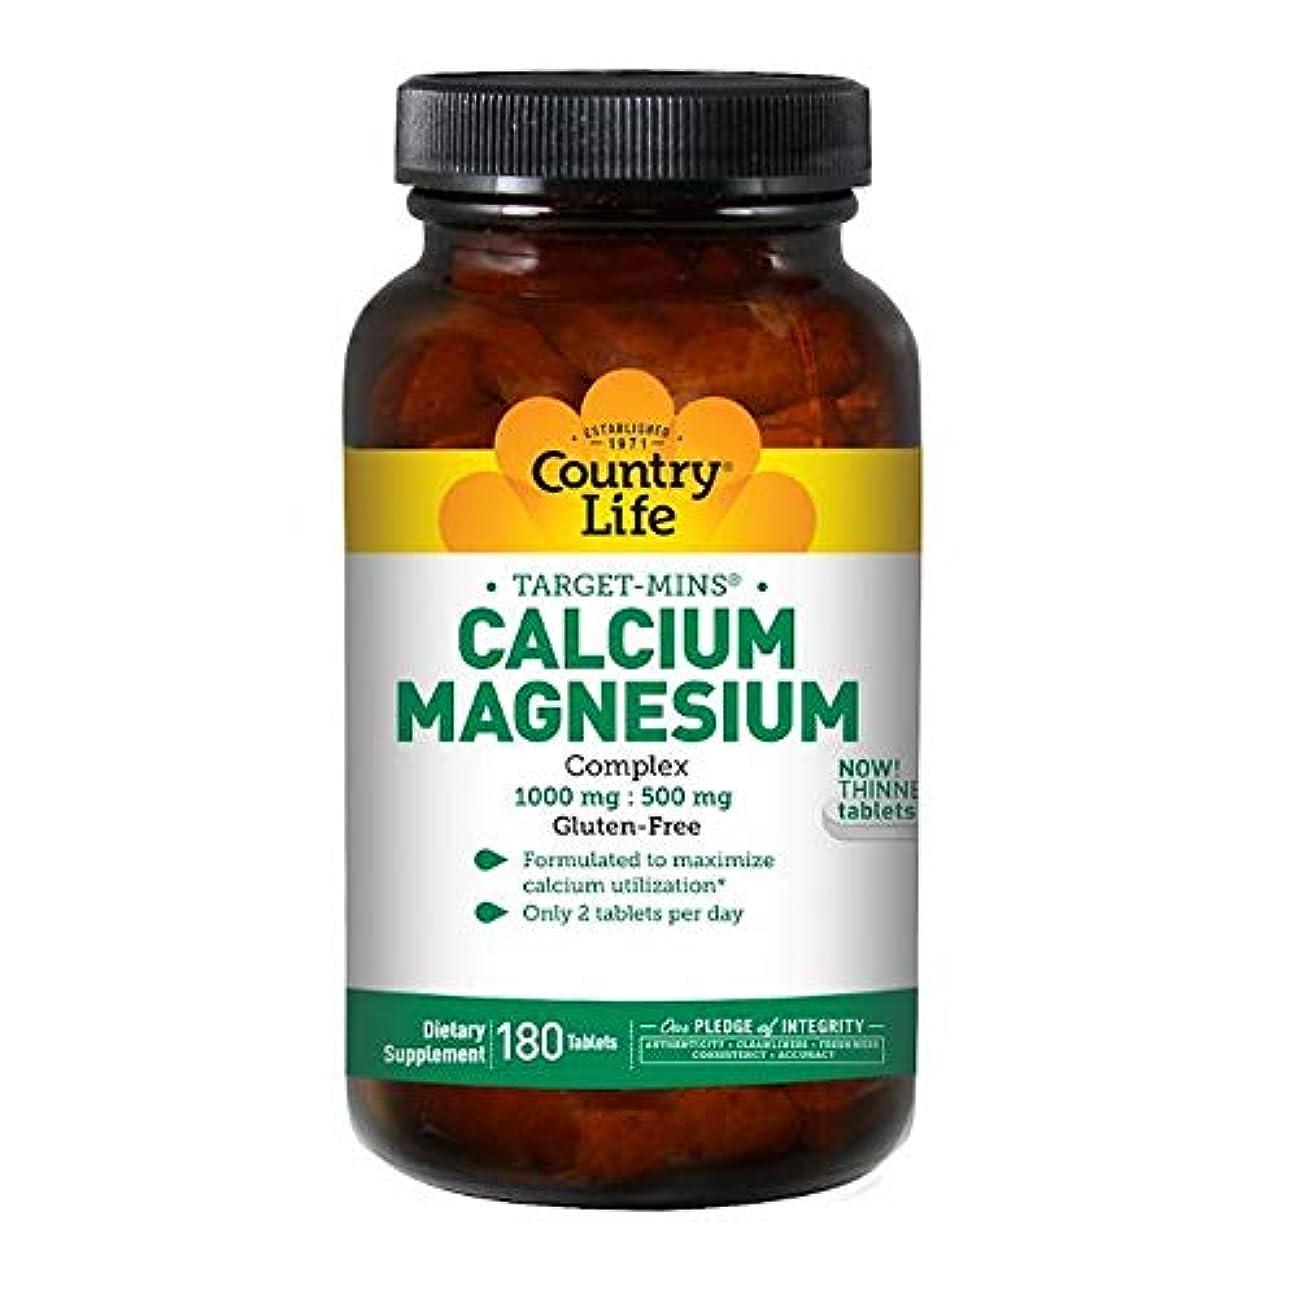 影のある粉砕する磨かれたCountry Life ターゲット ミネラル カルシウム マグネシウム 複合体 180錠 【アメリカ直送】